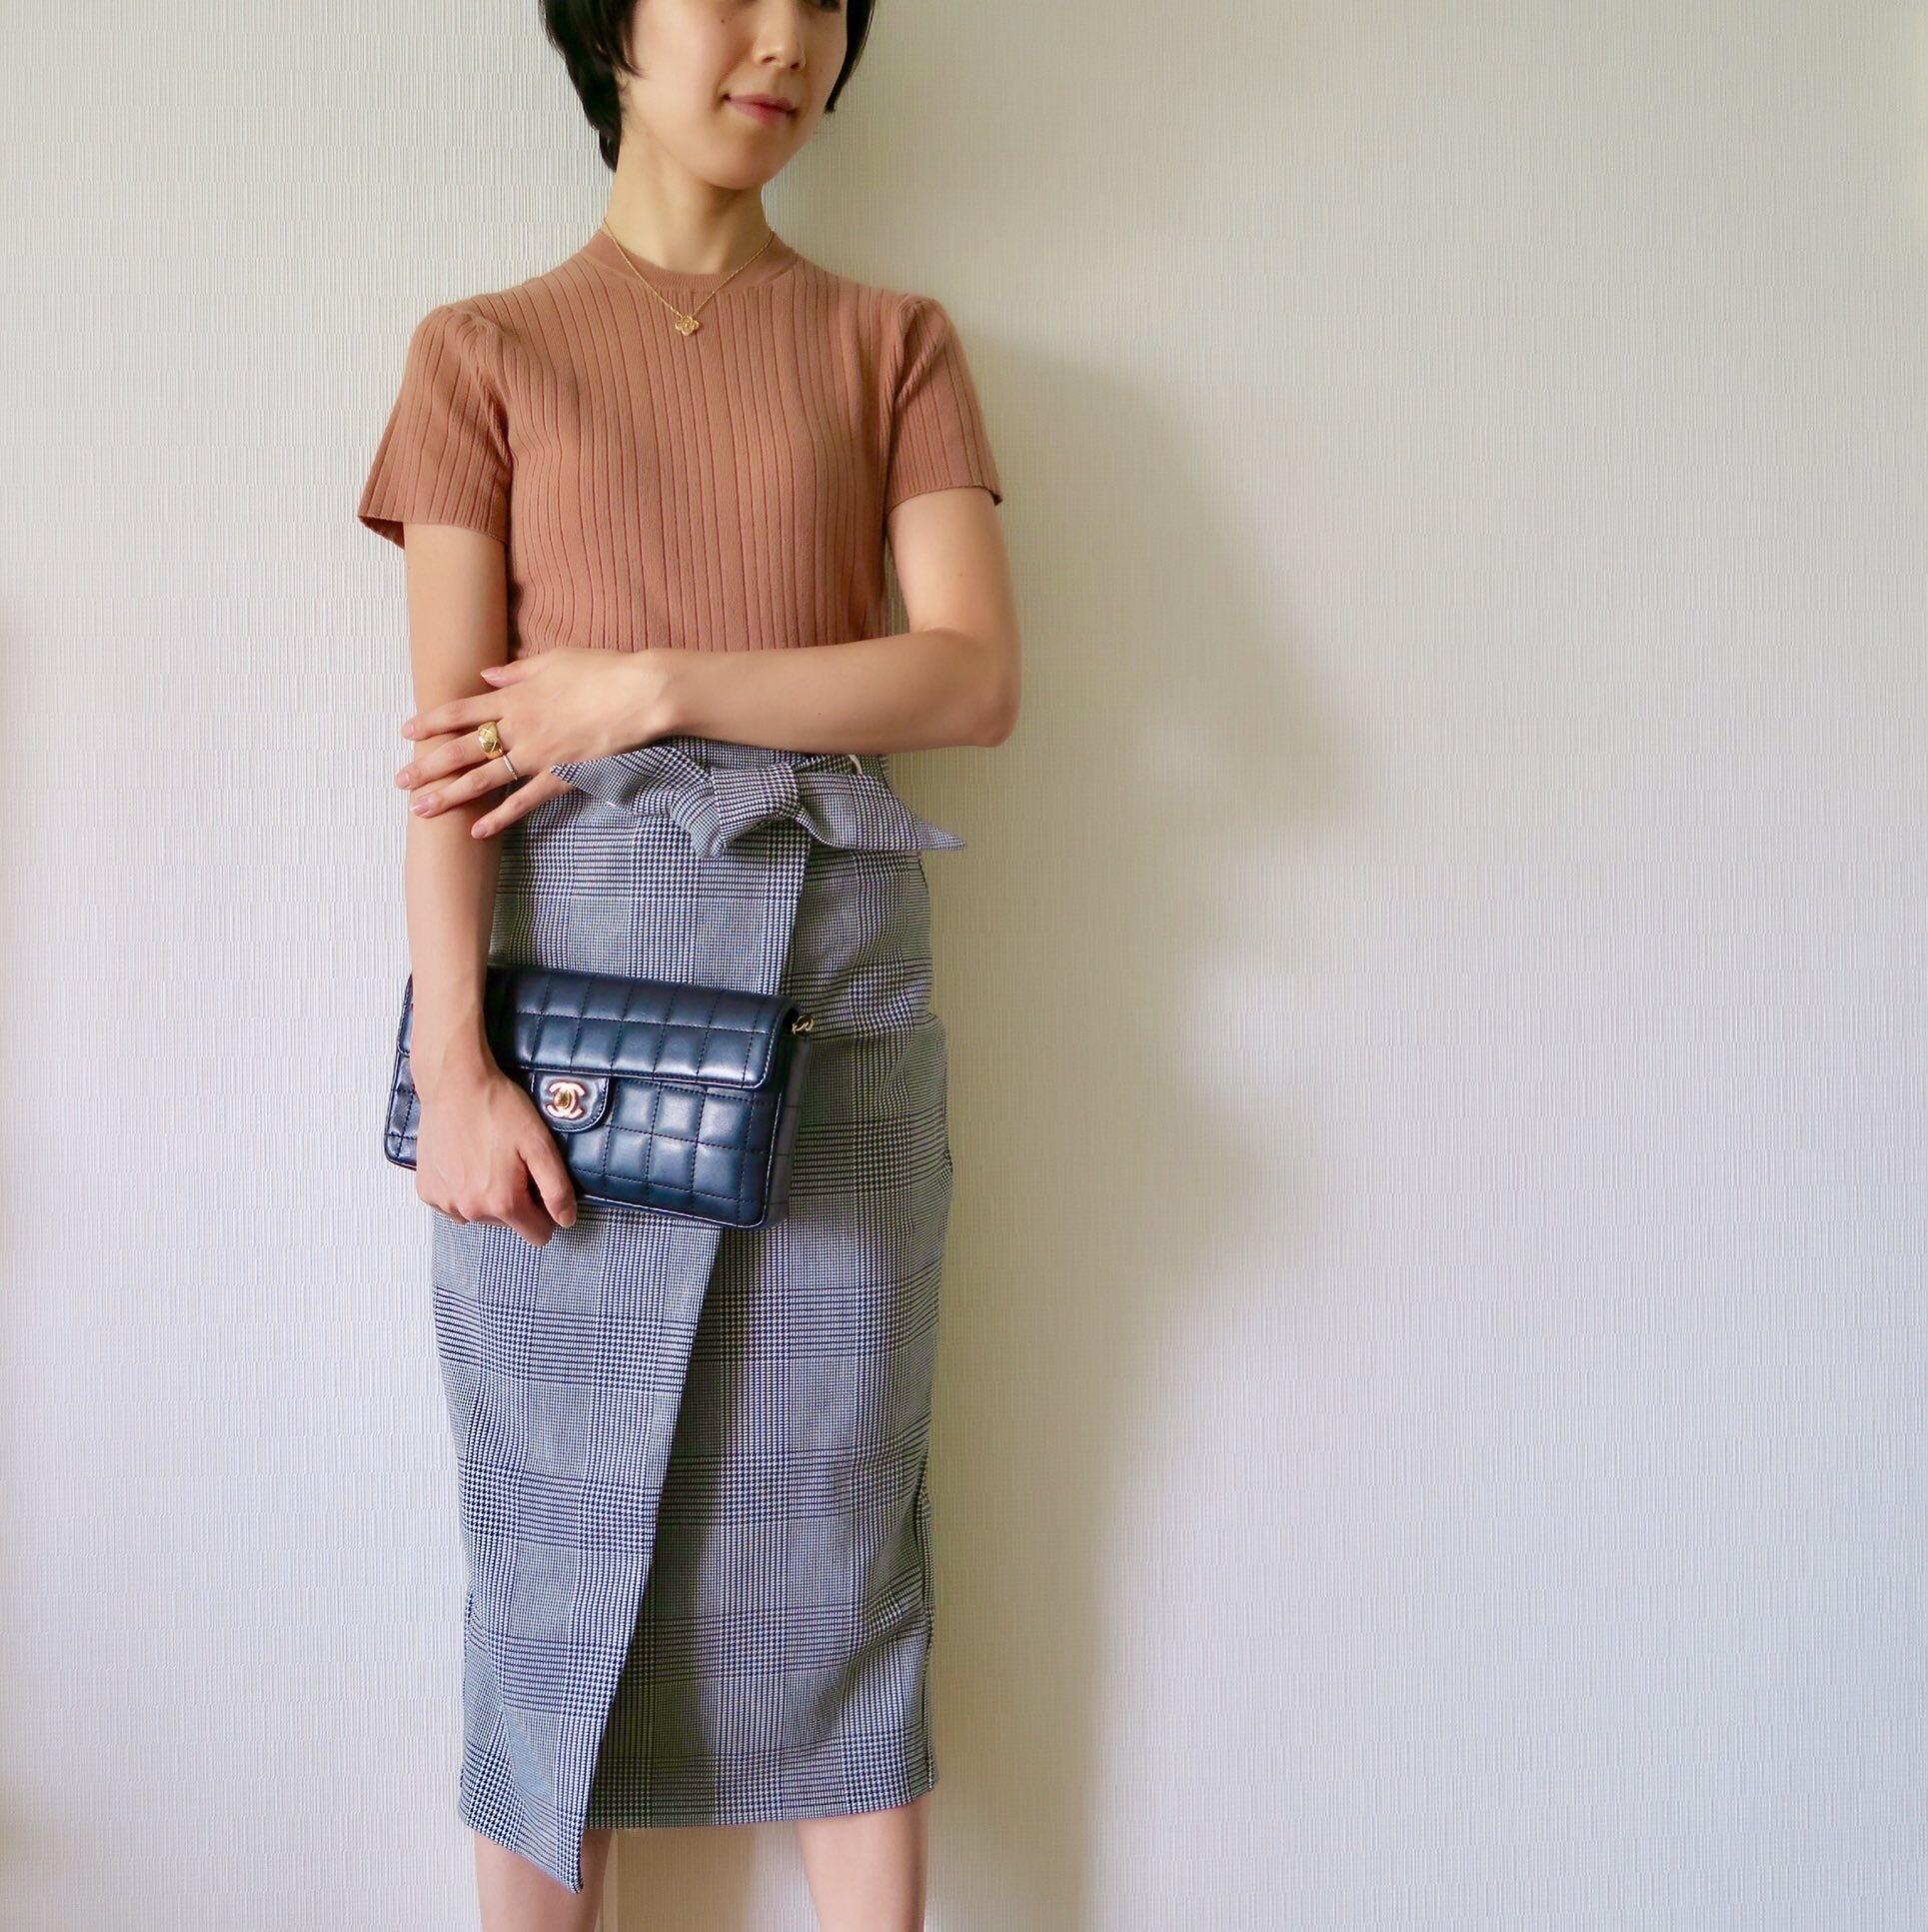 秋のトレンド「チェック柄」を美女組さんはどう着る?【マリソル美女組ブログPICK UP】_1_1-4